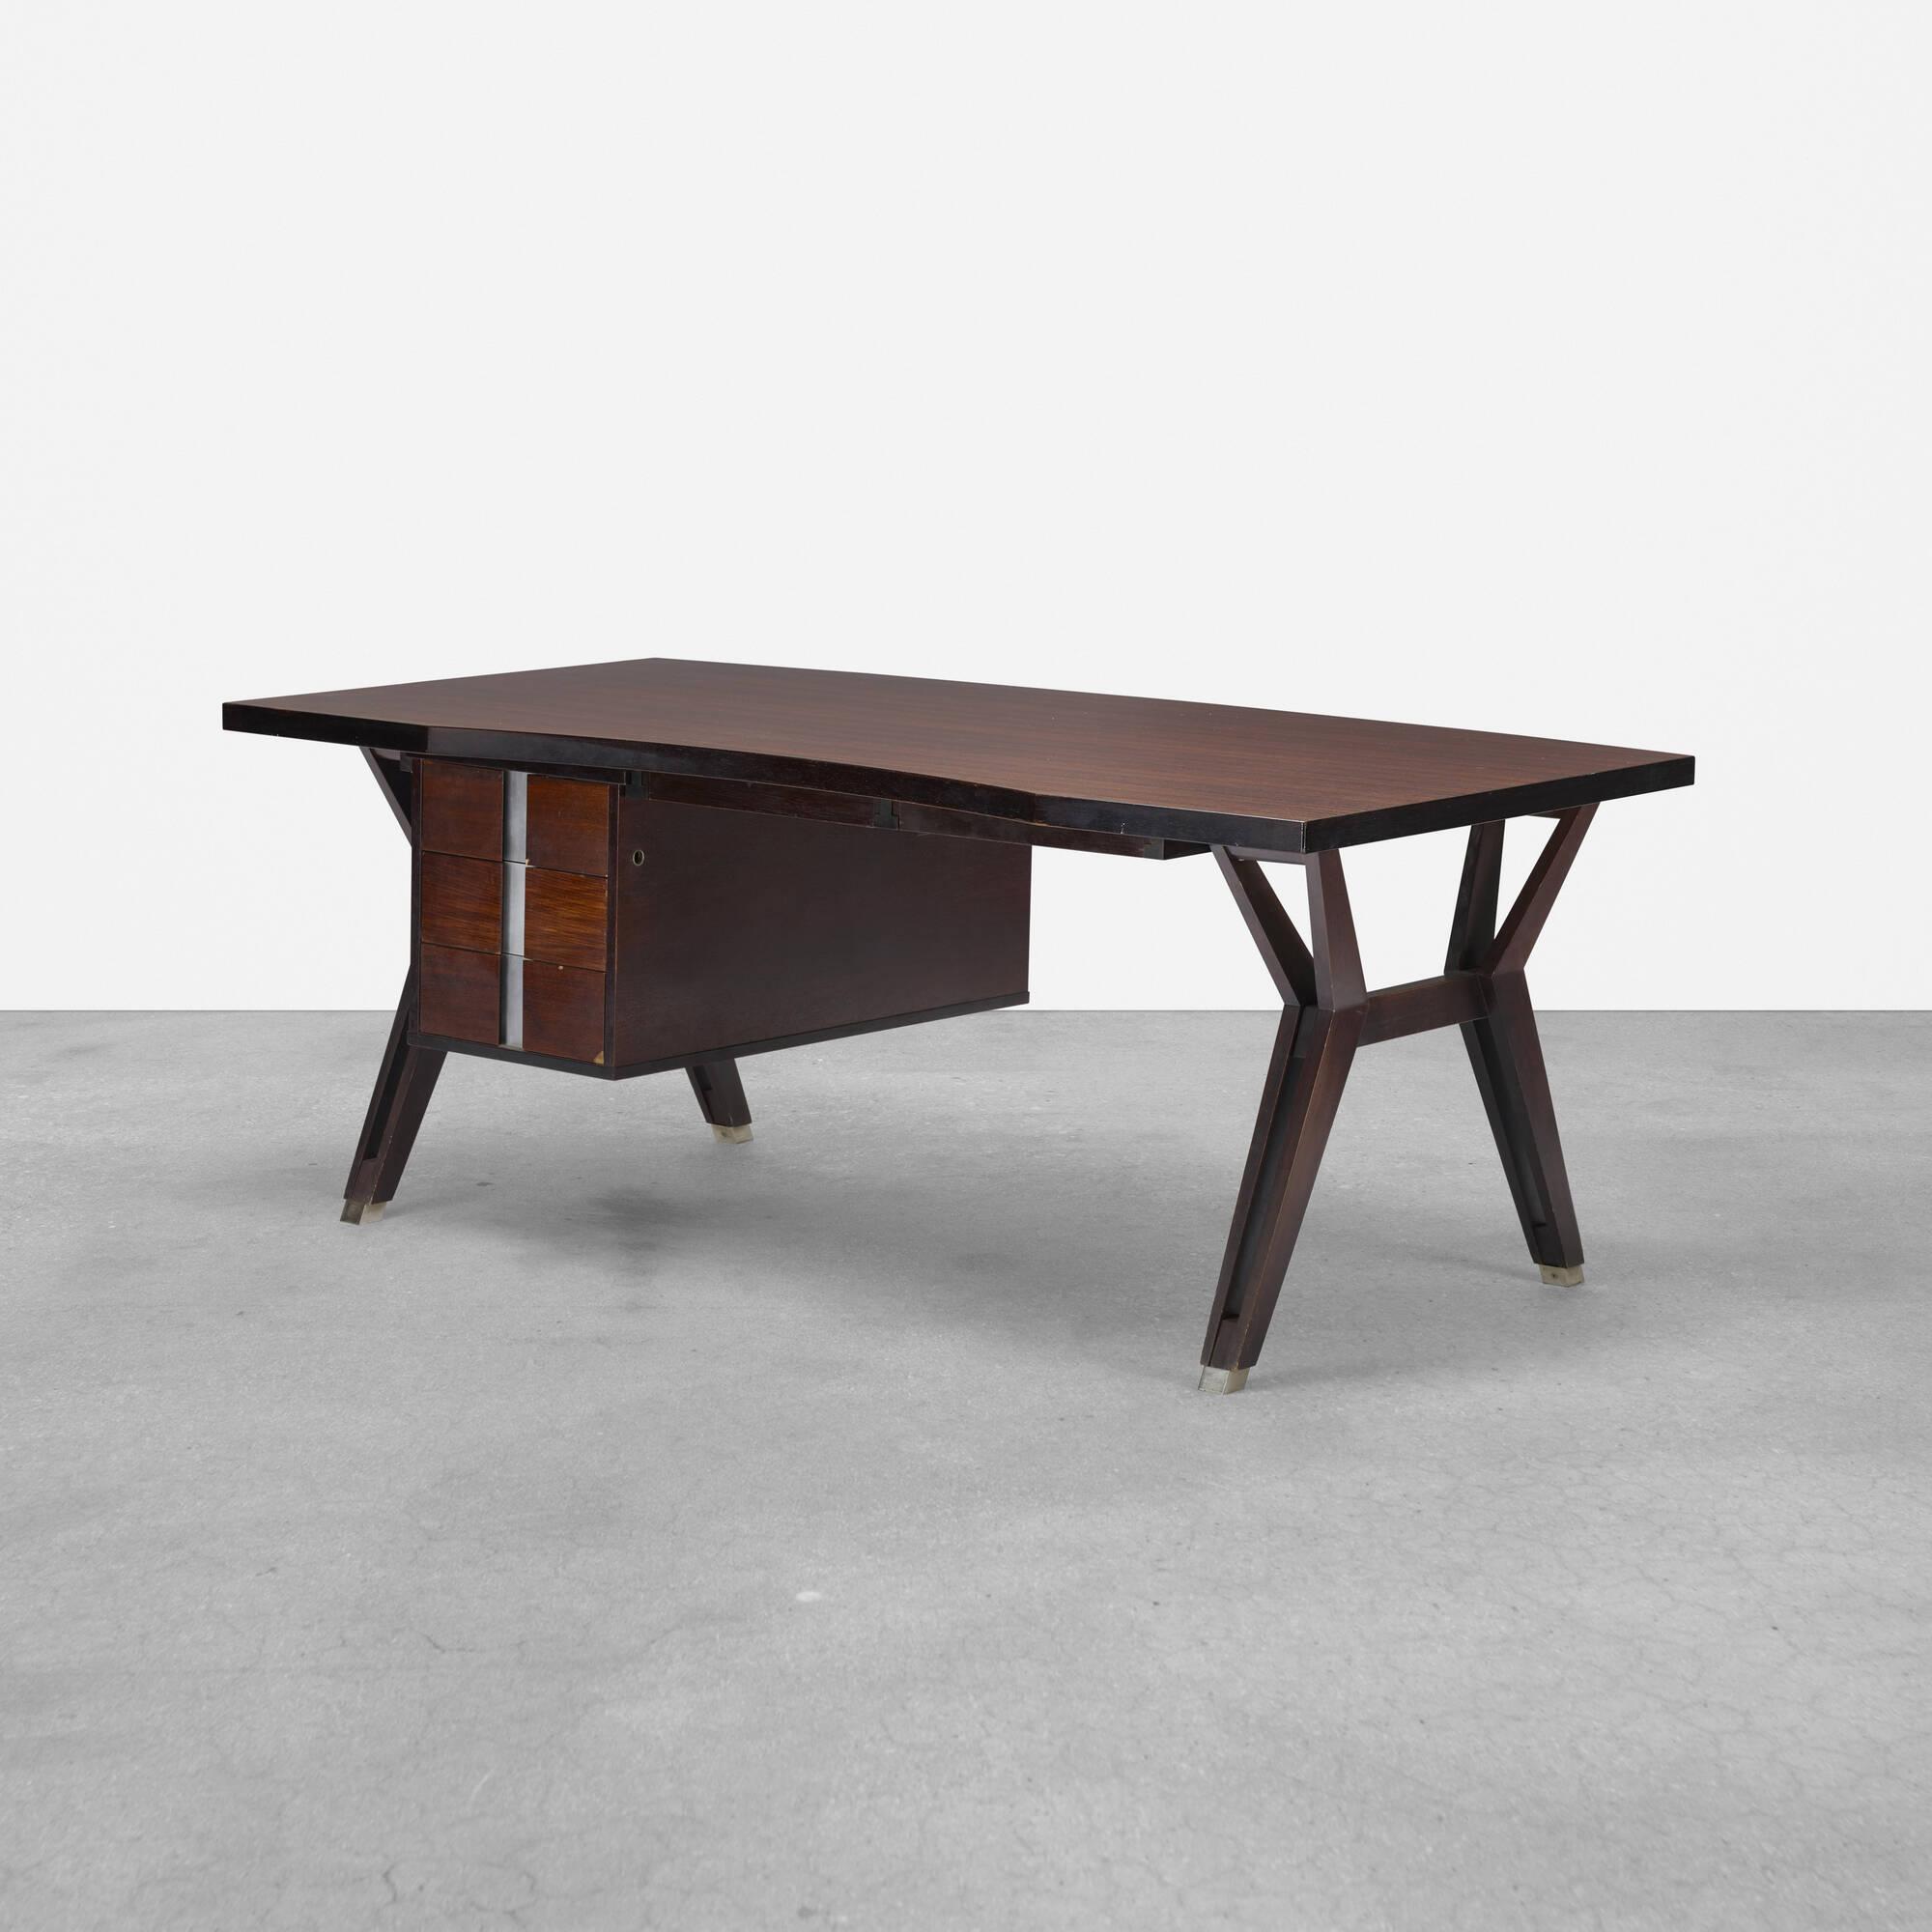 235: Ico and Luisa Parisi / Terni desk (1 of 4)